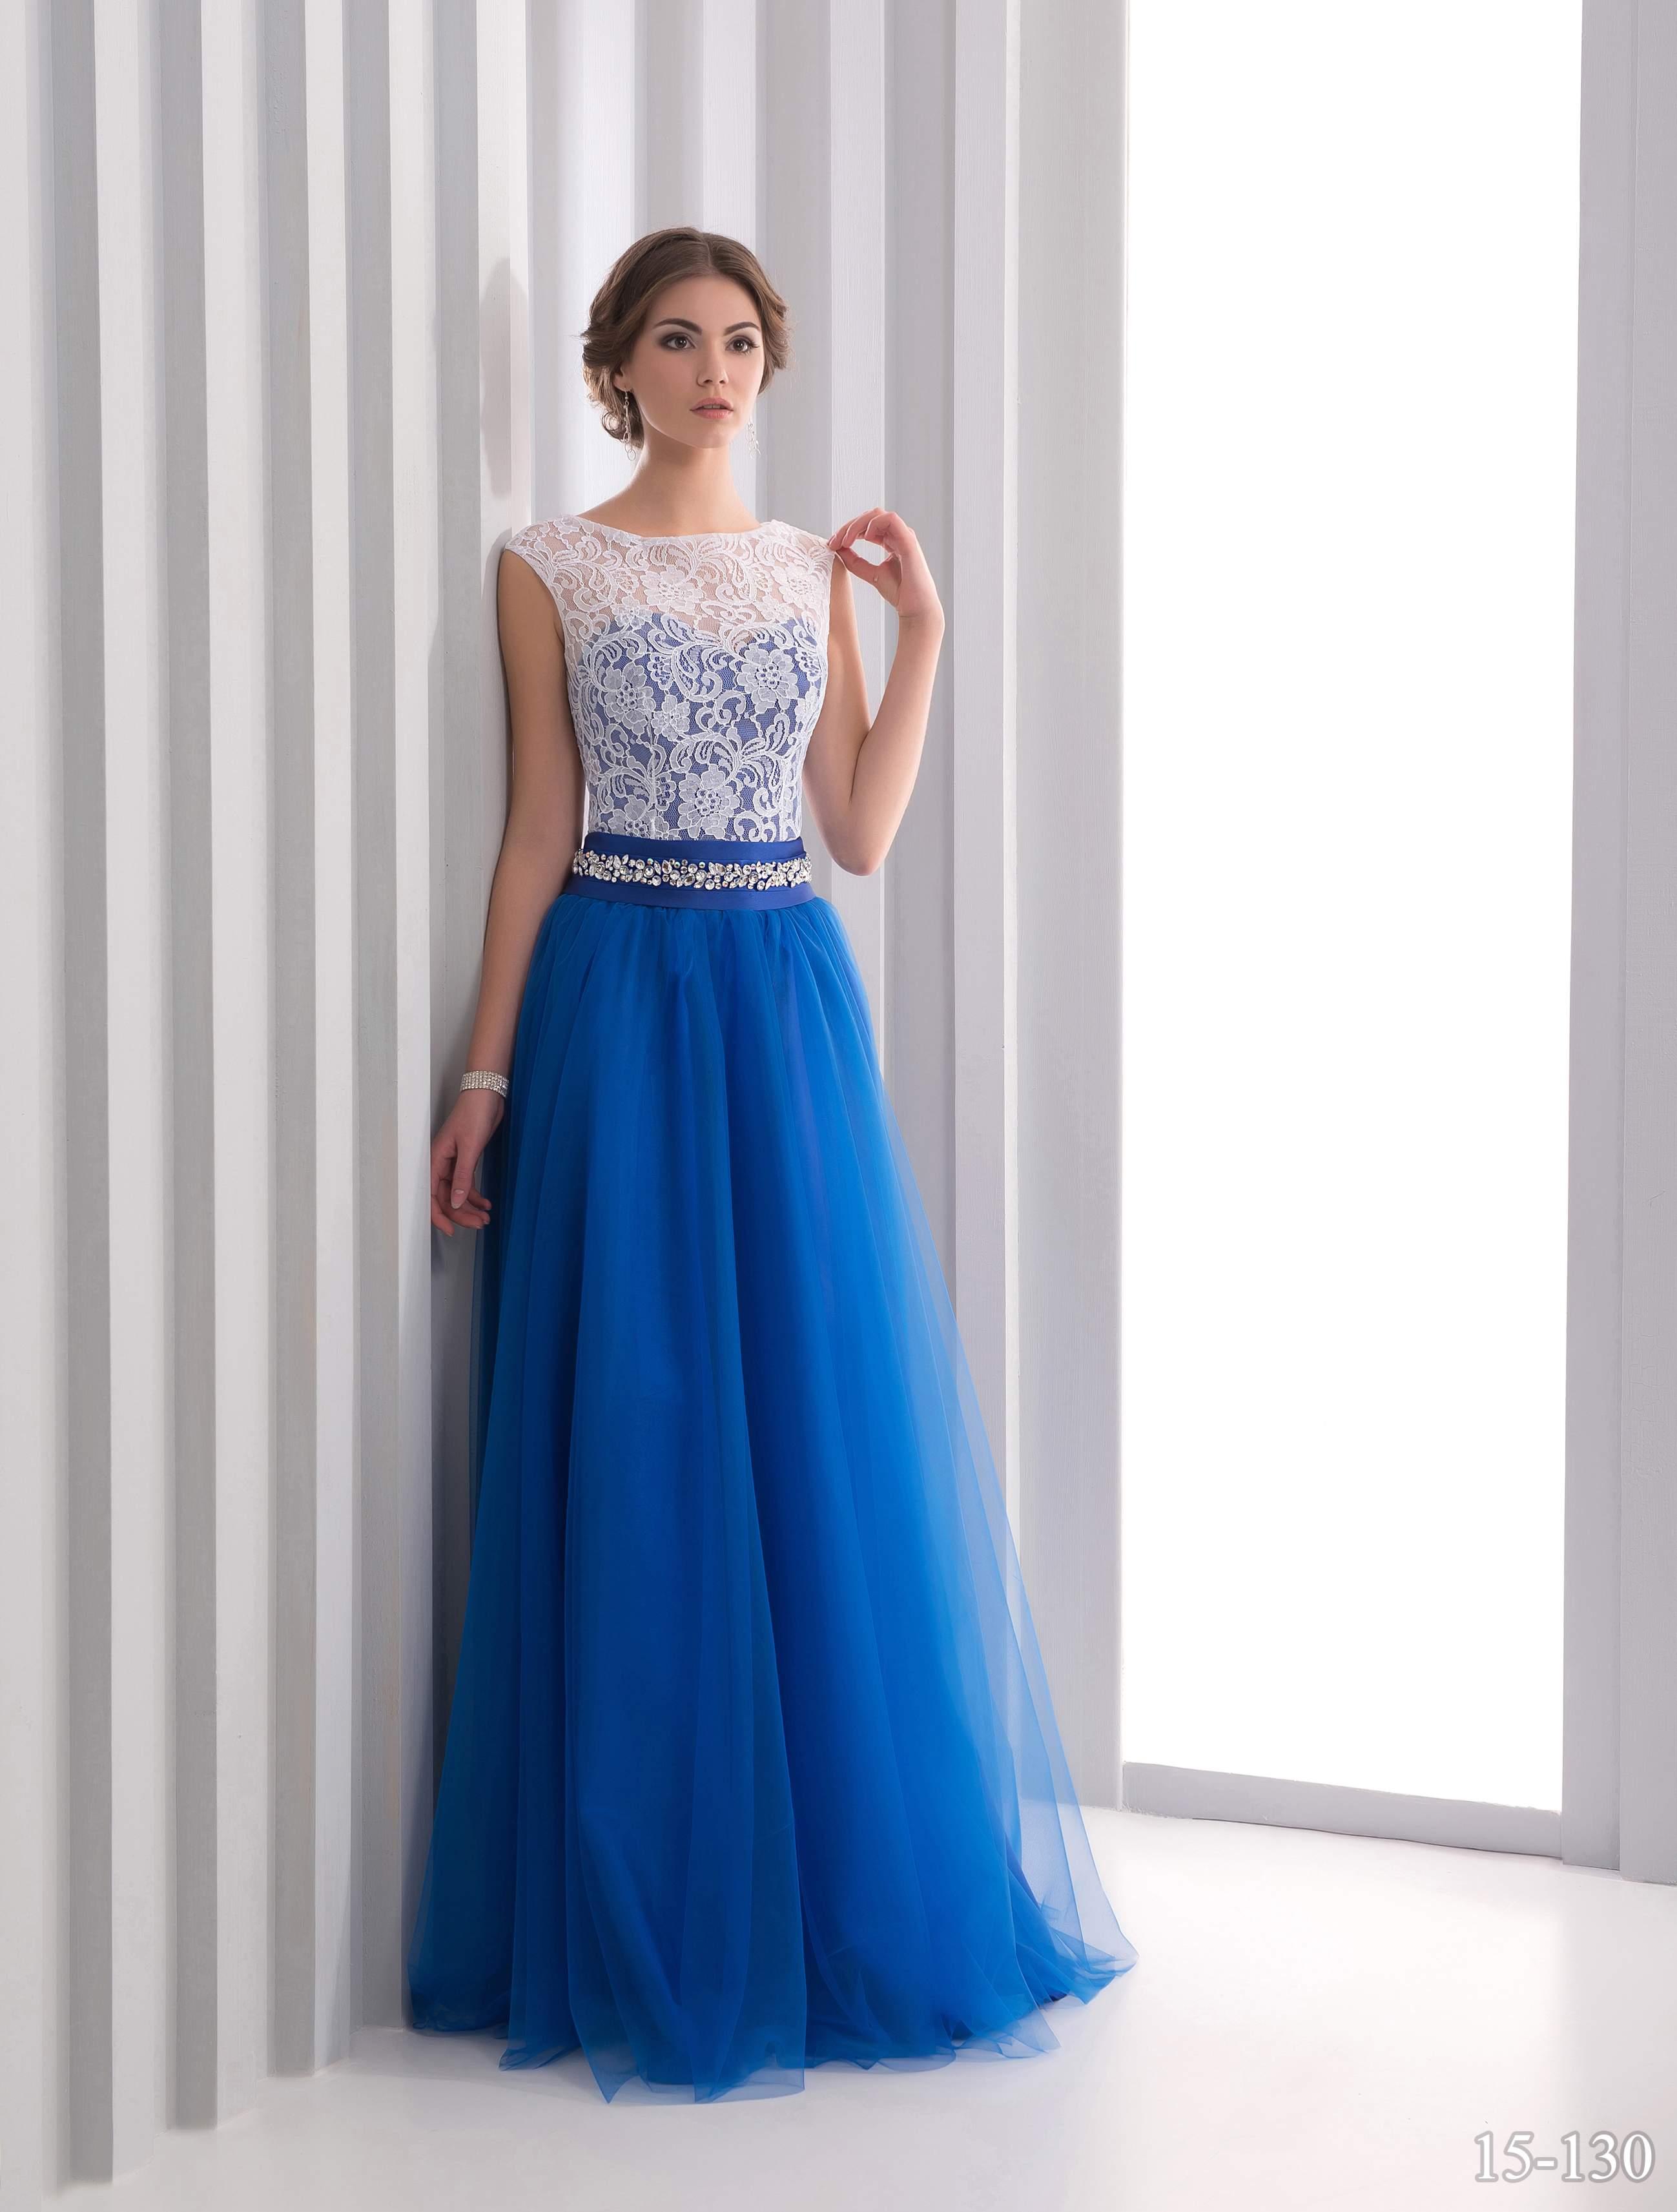 Воронеж купить вечернее платье недорого